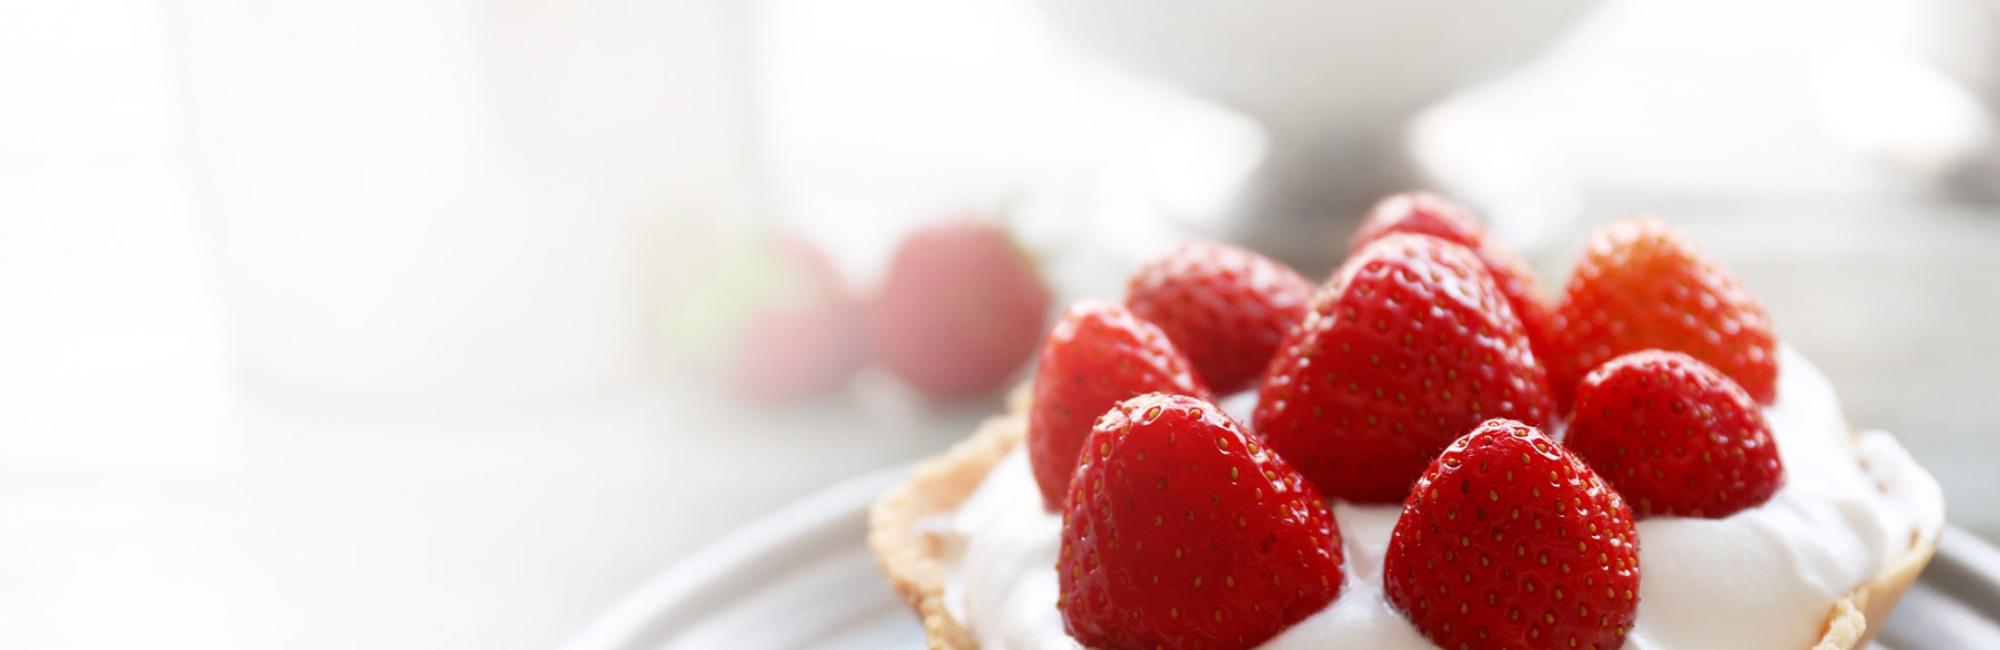 Les fraises dévoilent leurs secrets